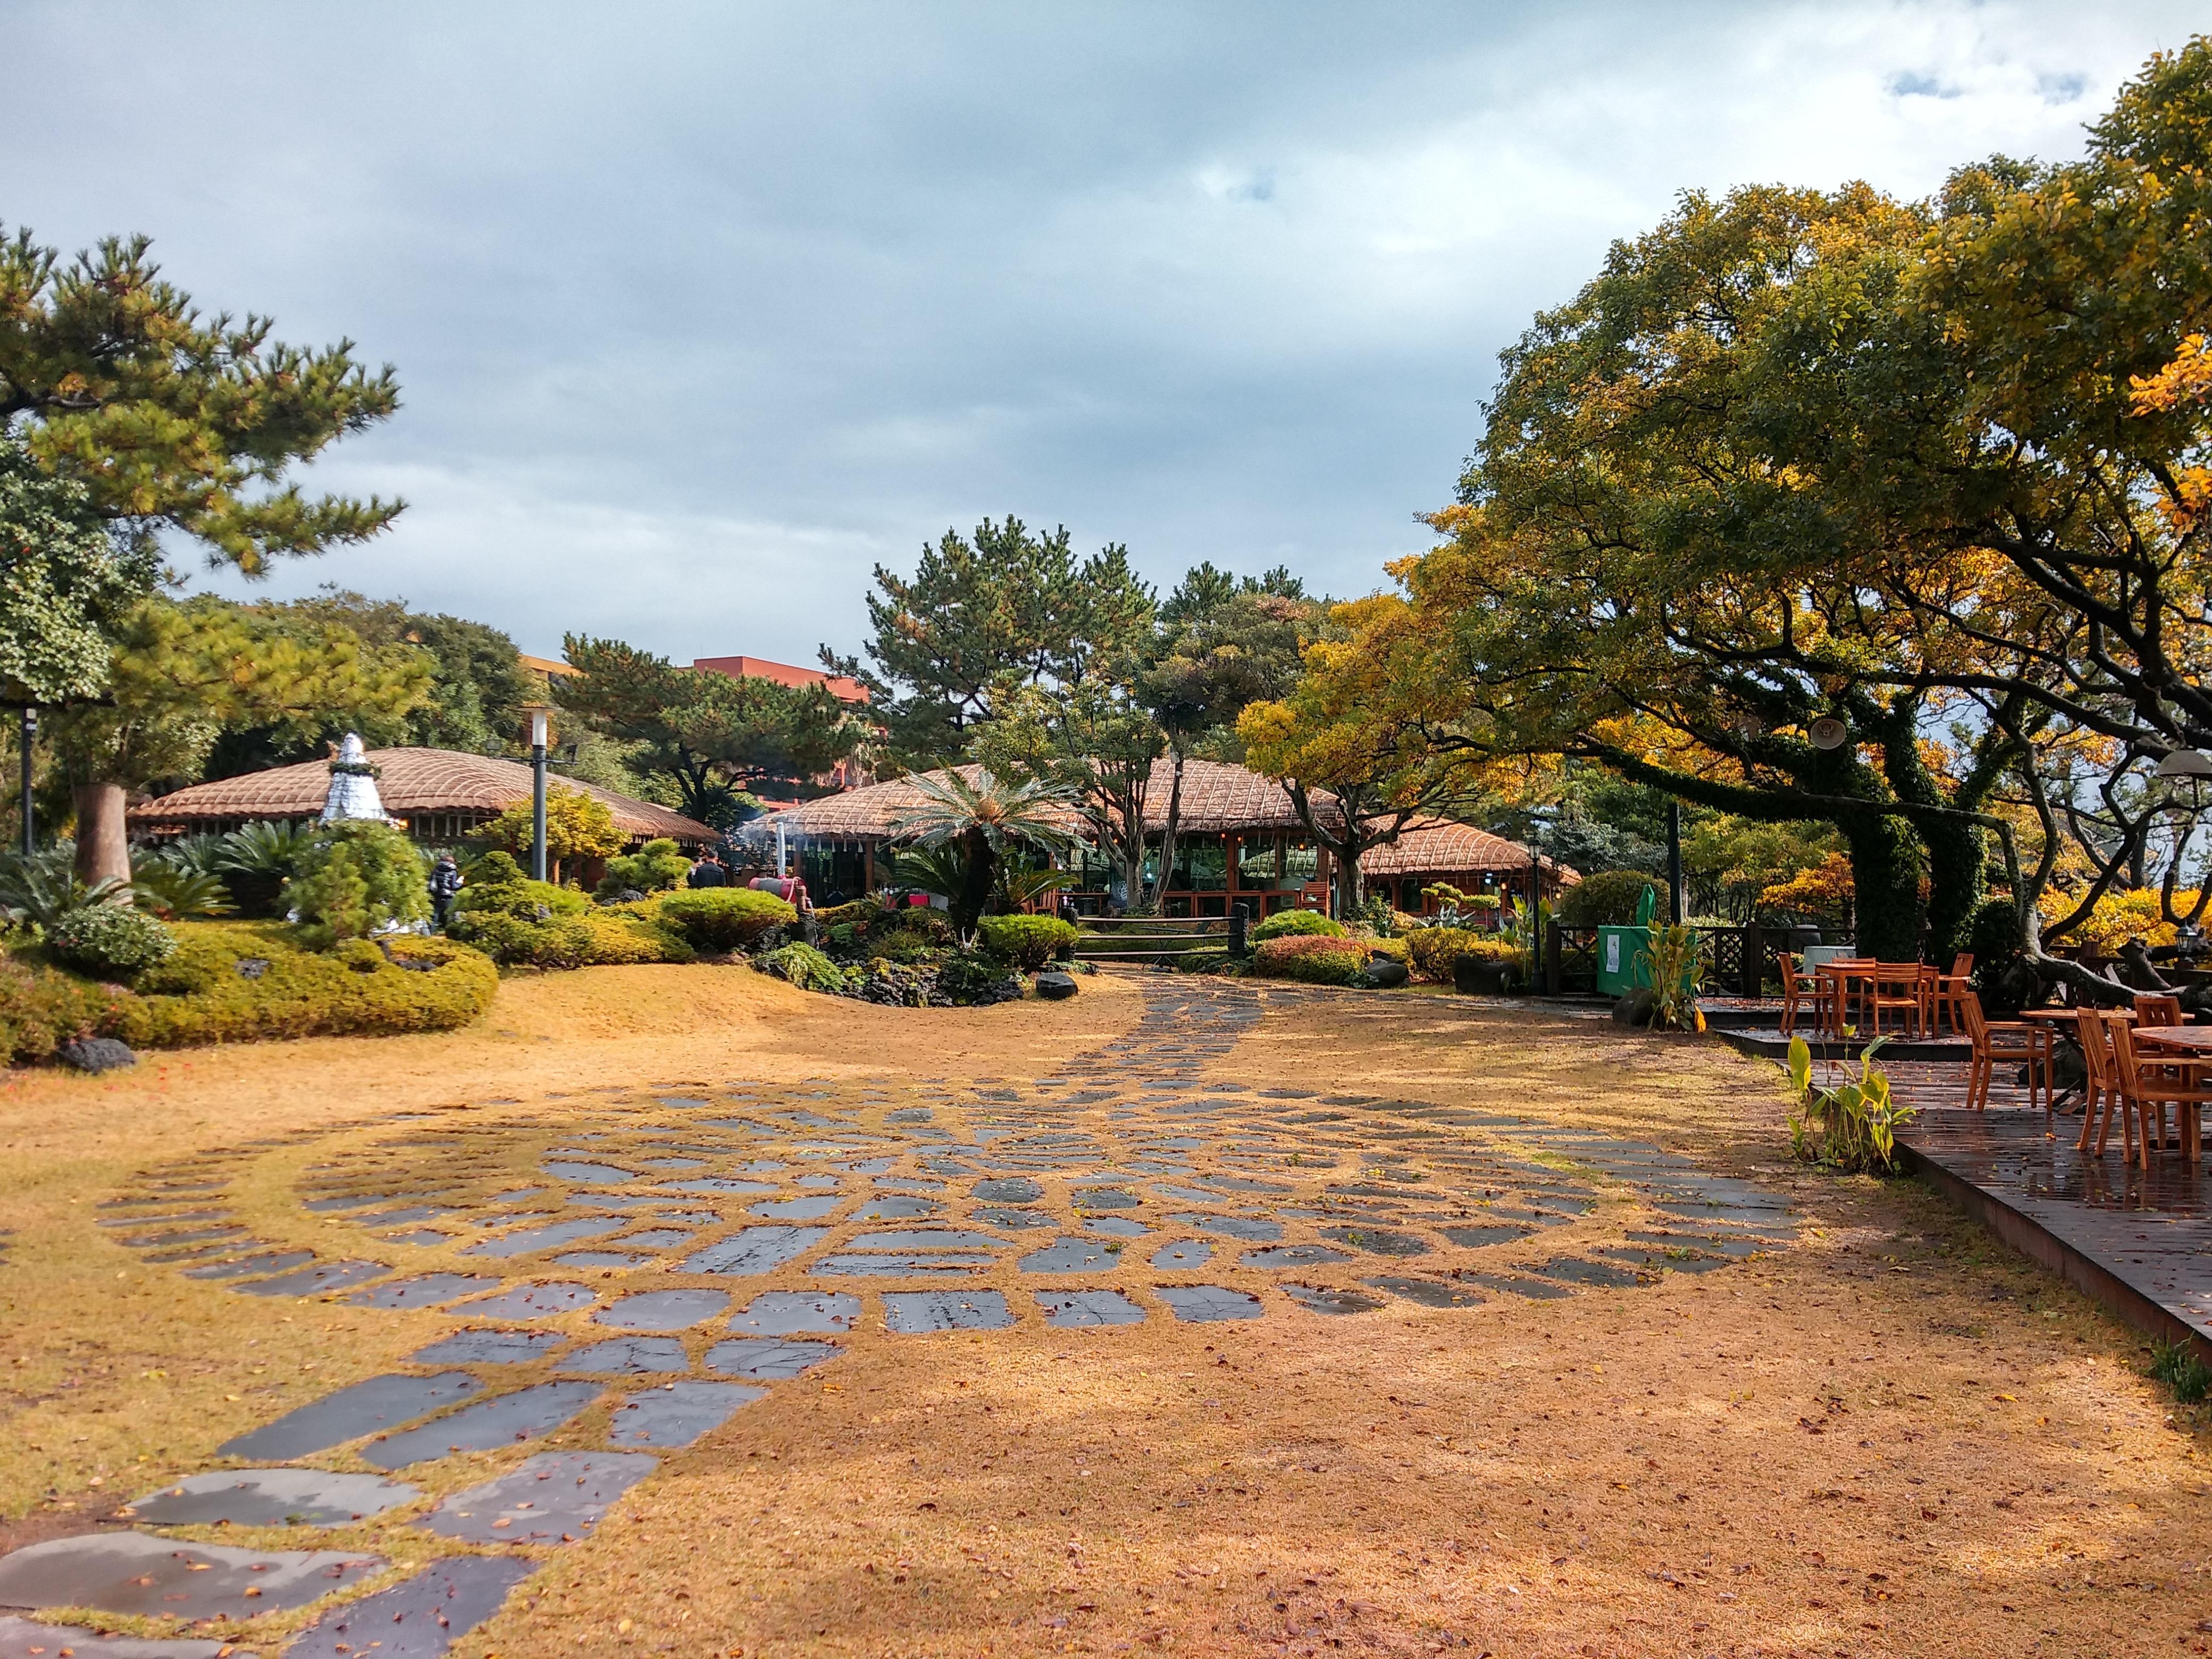 Landschaft Baum Zuhause Dorf Hinterhof Garten Immobilien Garten Ländliches  Gebiet Jeju Insel Wohngebiet Haevichi Hotel